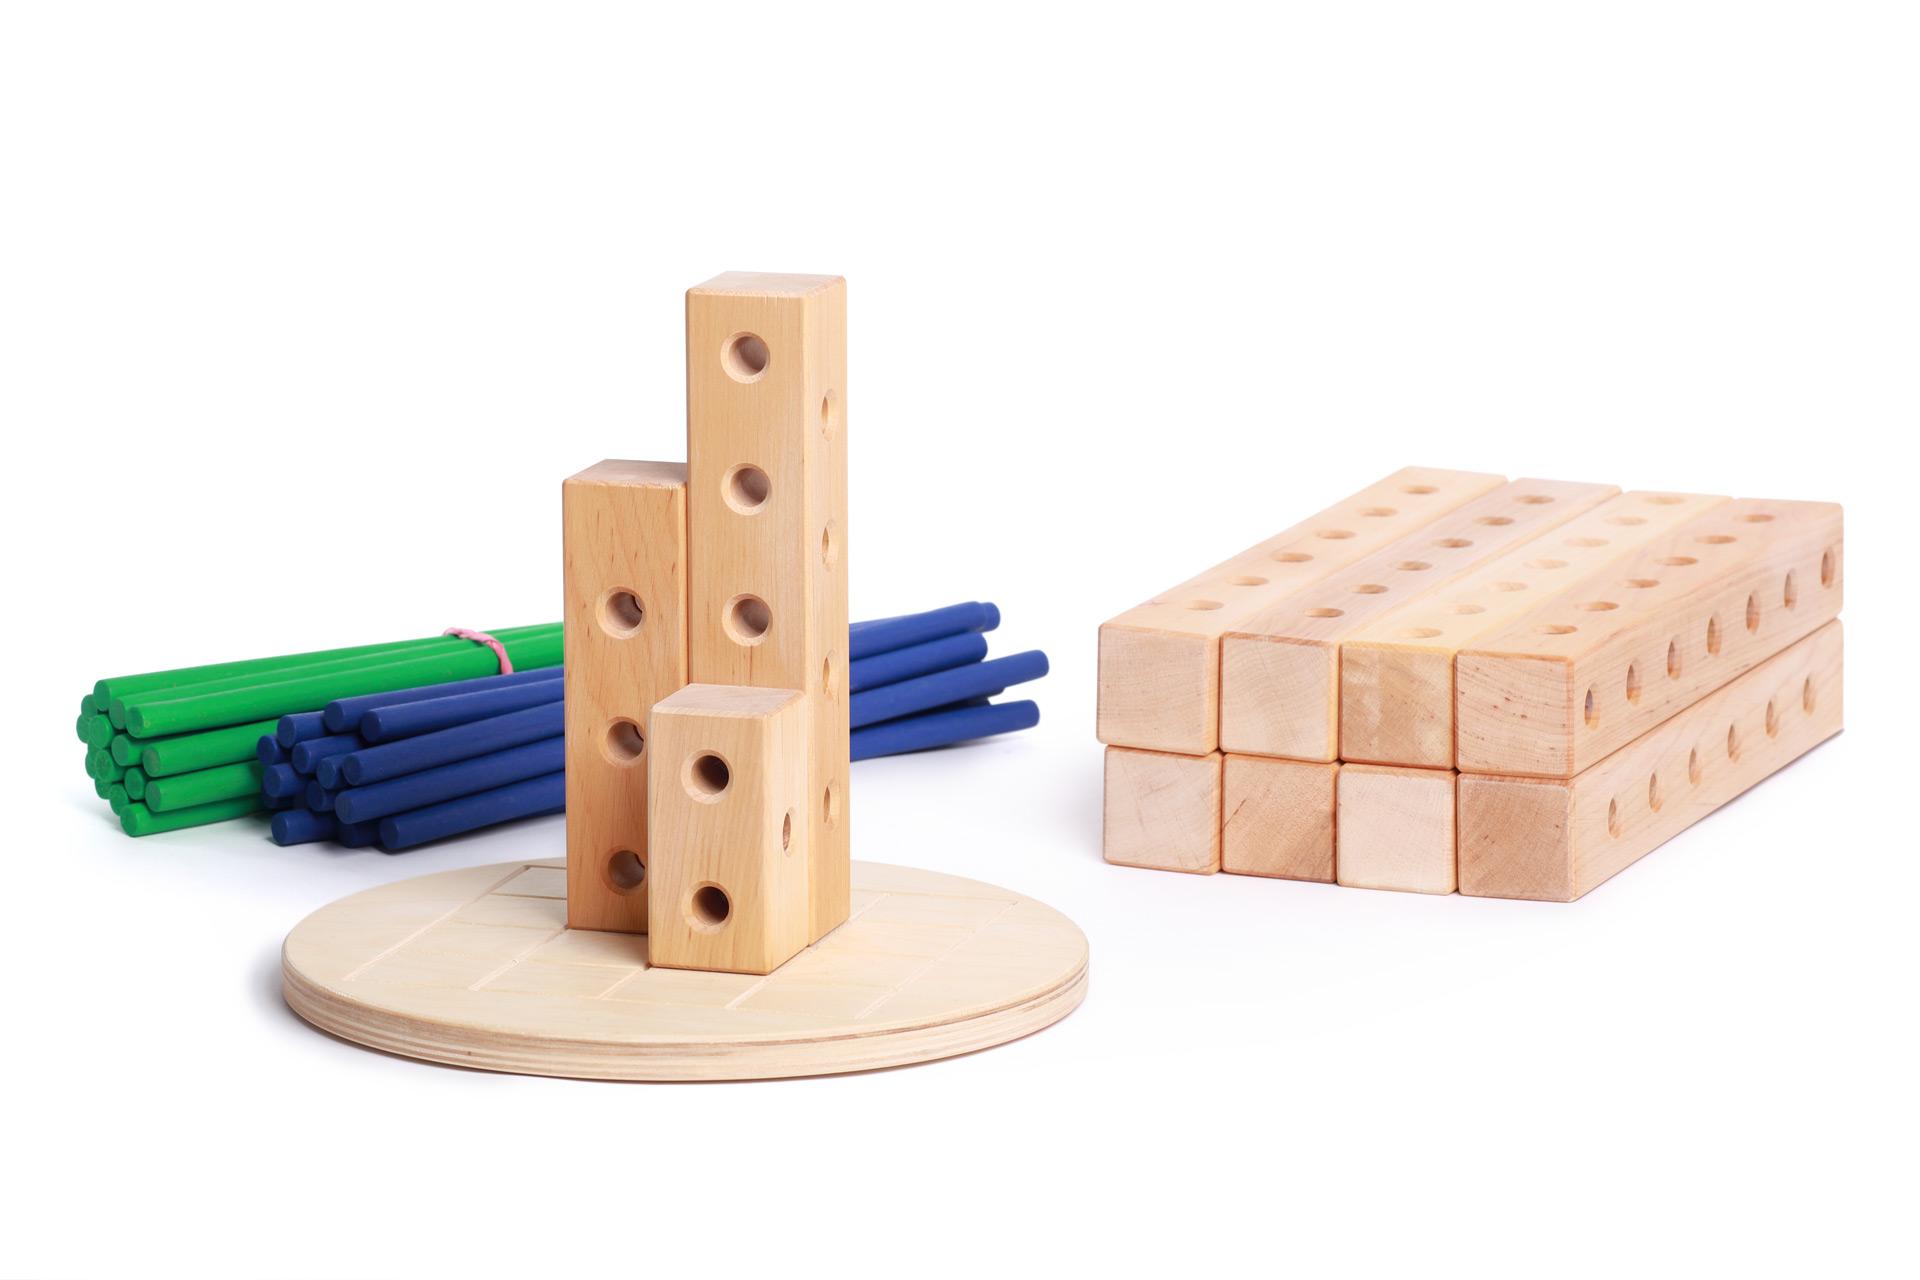 Holzspielzeug-Mammmut-Agadez-Erweiterung-Strategiespiel-Therapieversion-ksg